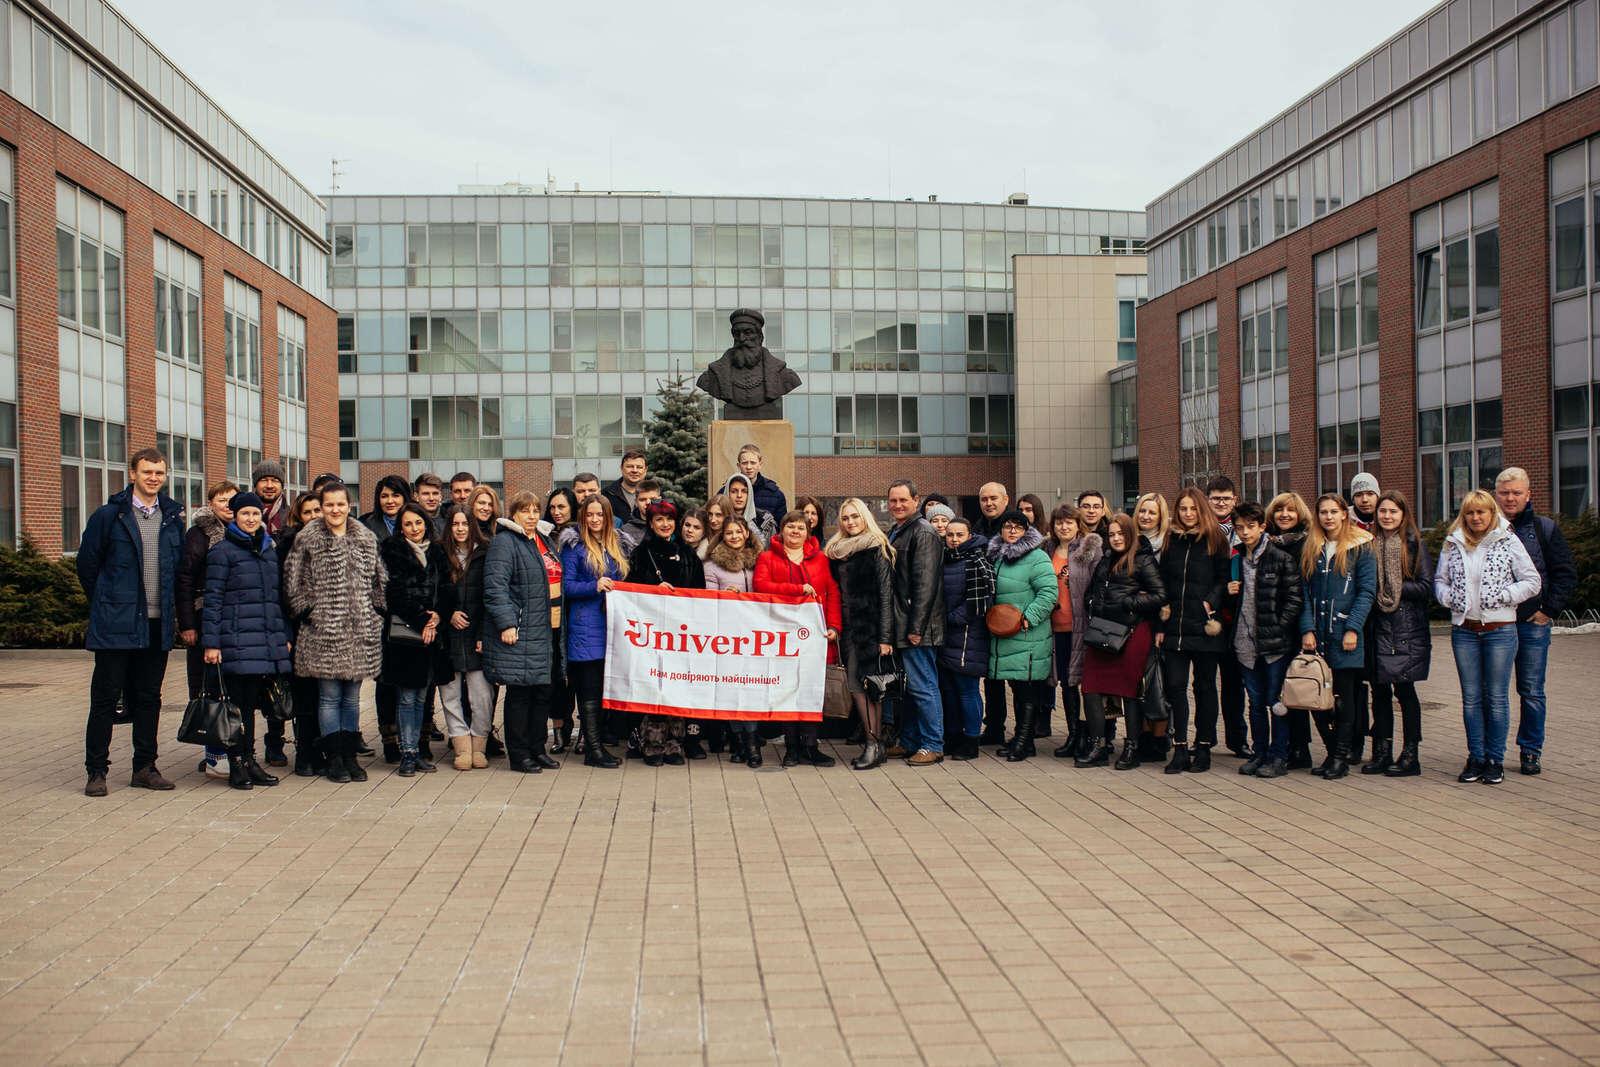 Ахтунг! Безкоштовне навчання у Кракові! - UniverPL